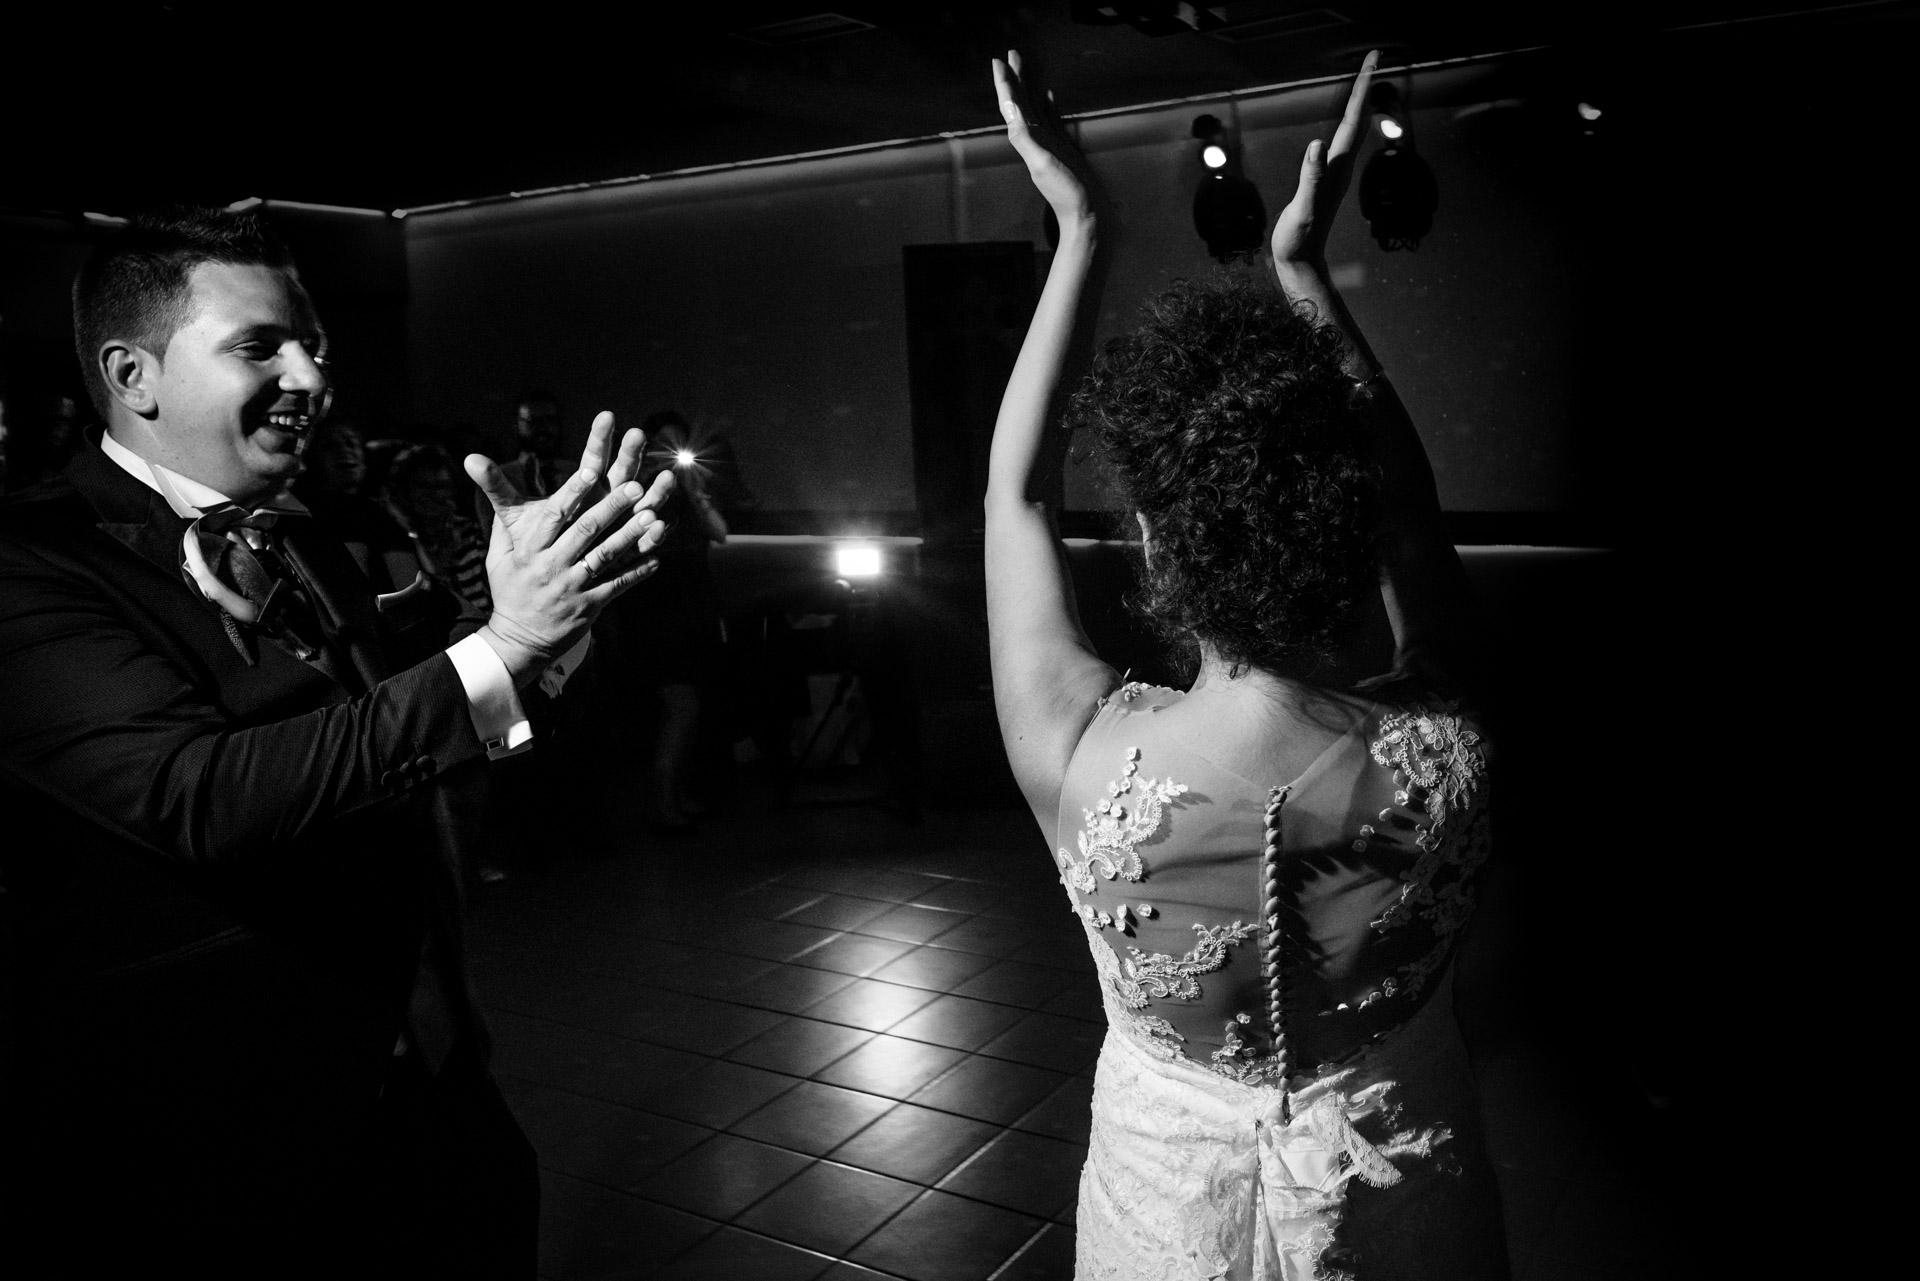 fotografo de bodas valladolid